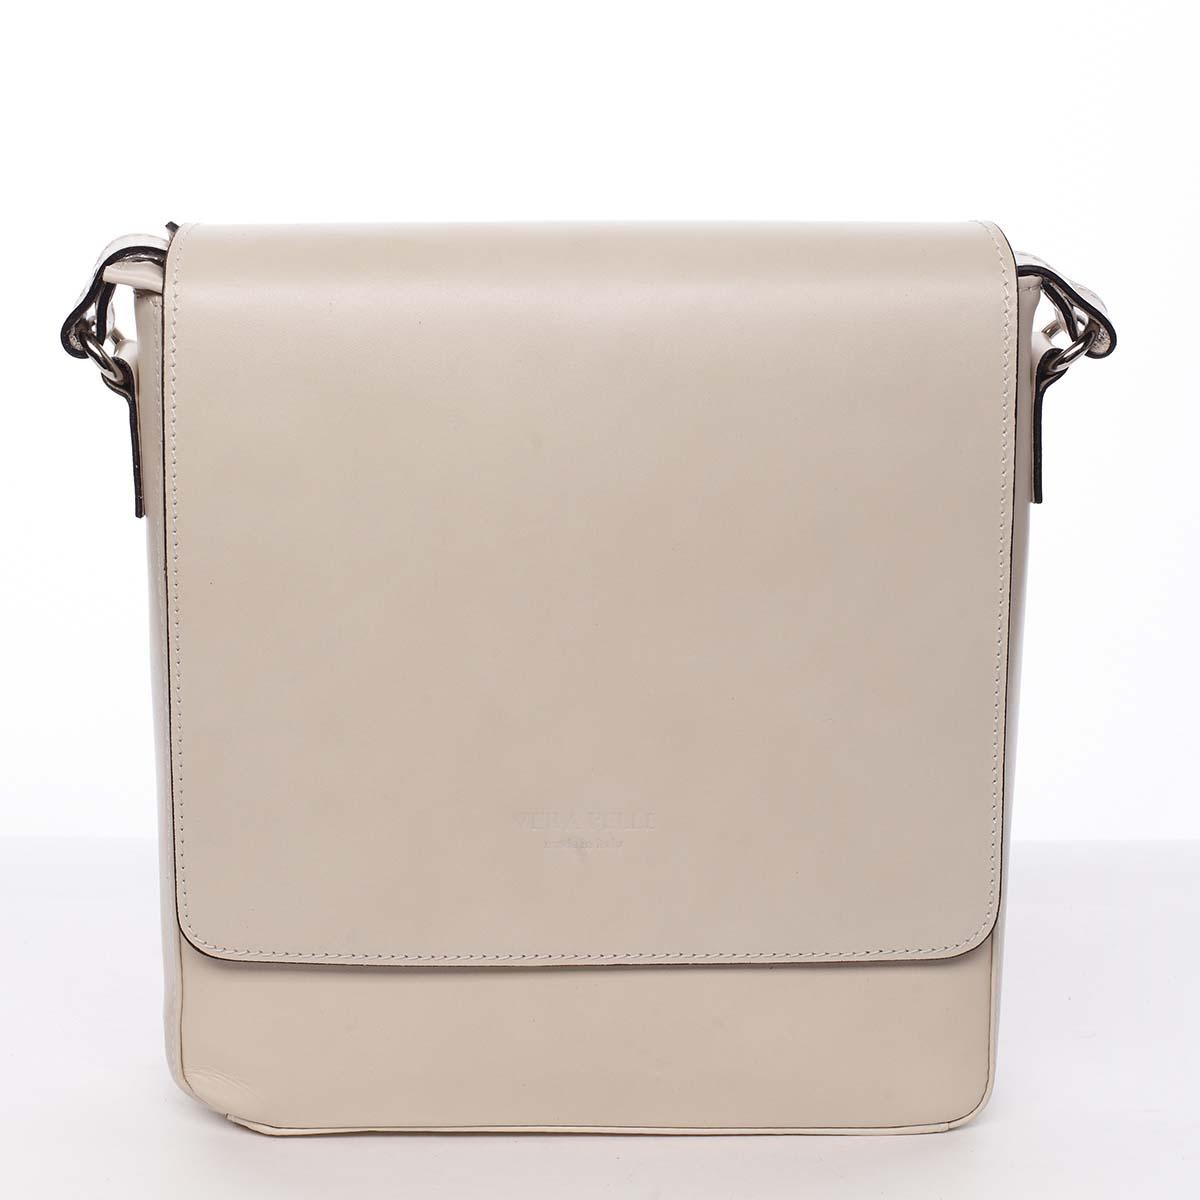 Pánská luxusní kožená taška přes rameno béžová - ItalY Crosby